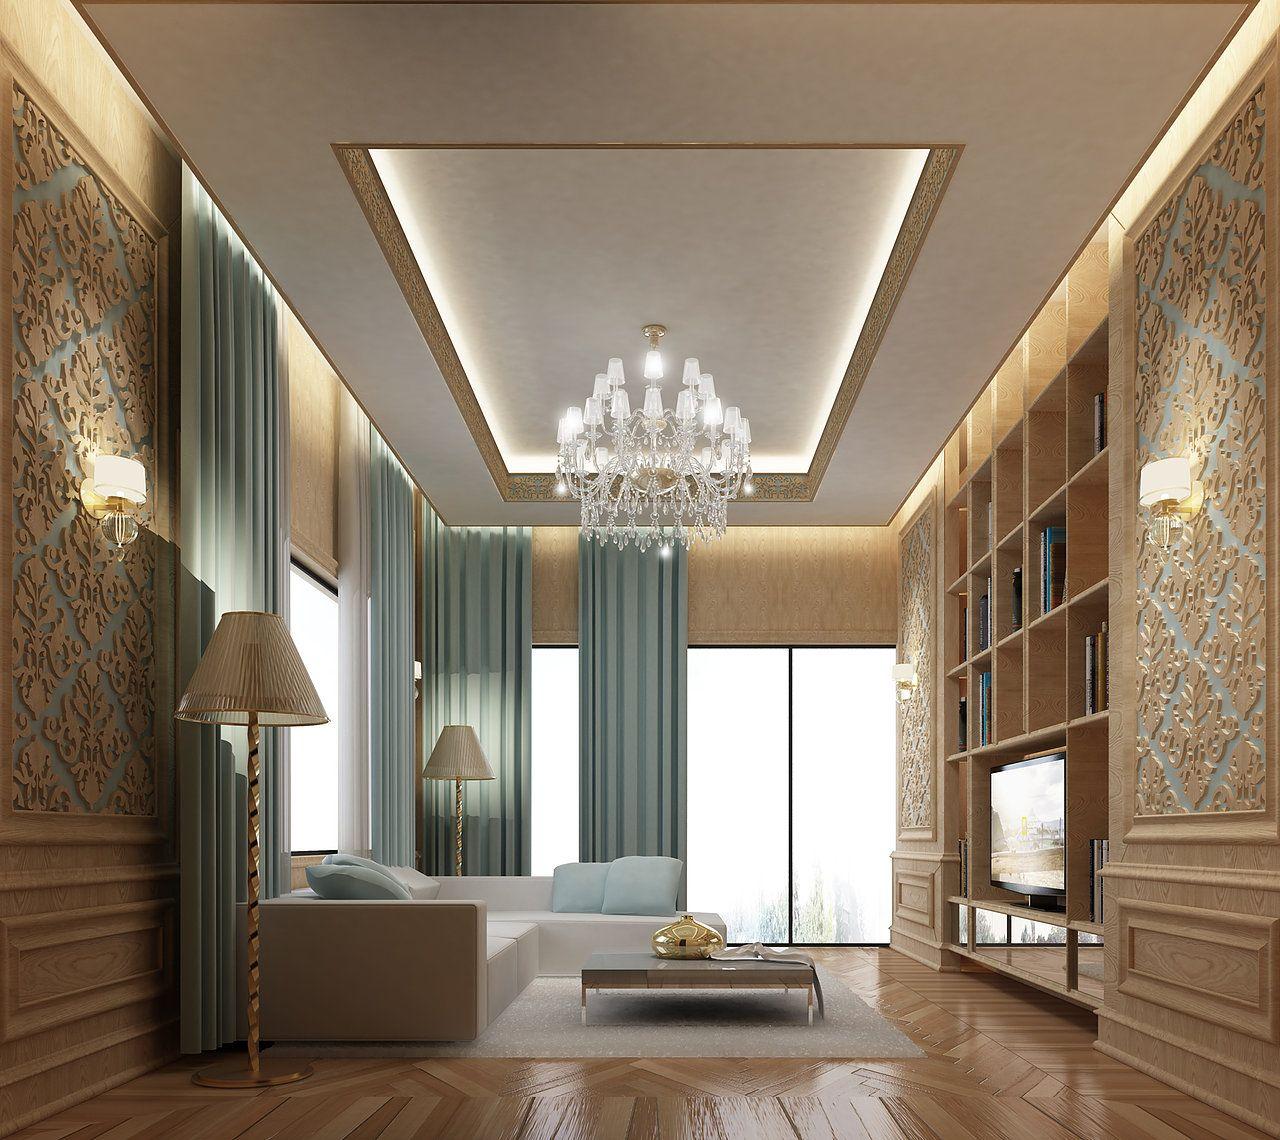 Luxury interior Design DubaiIONS one the leading interior design